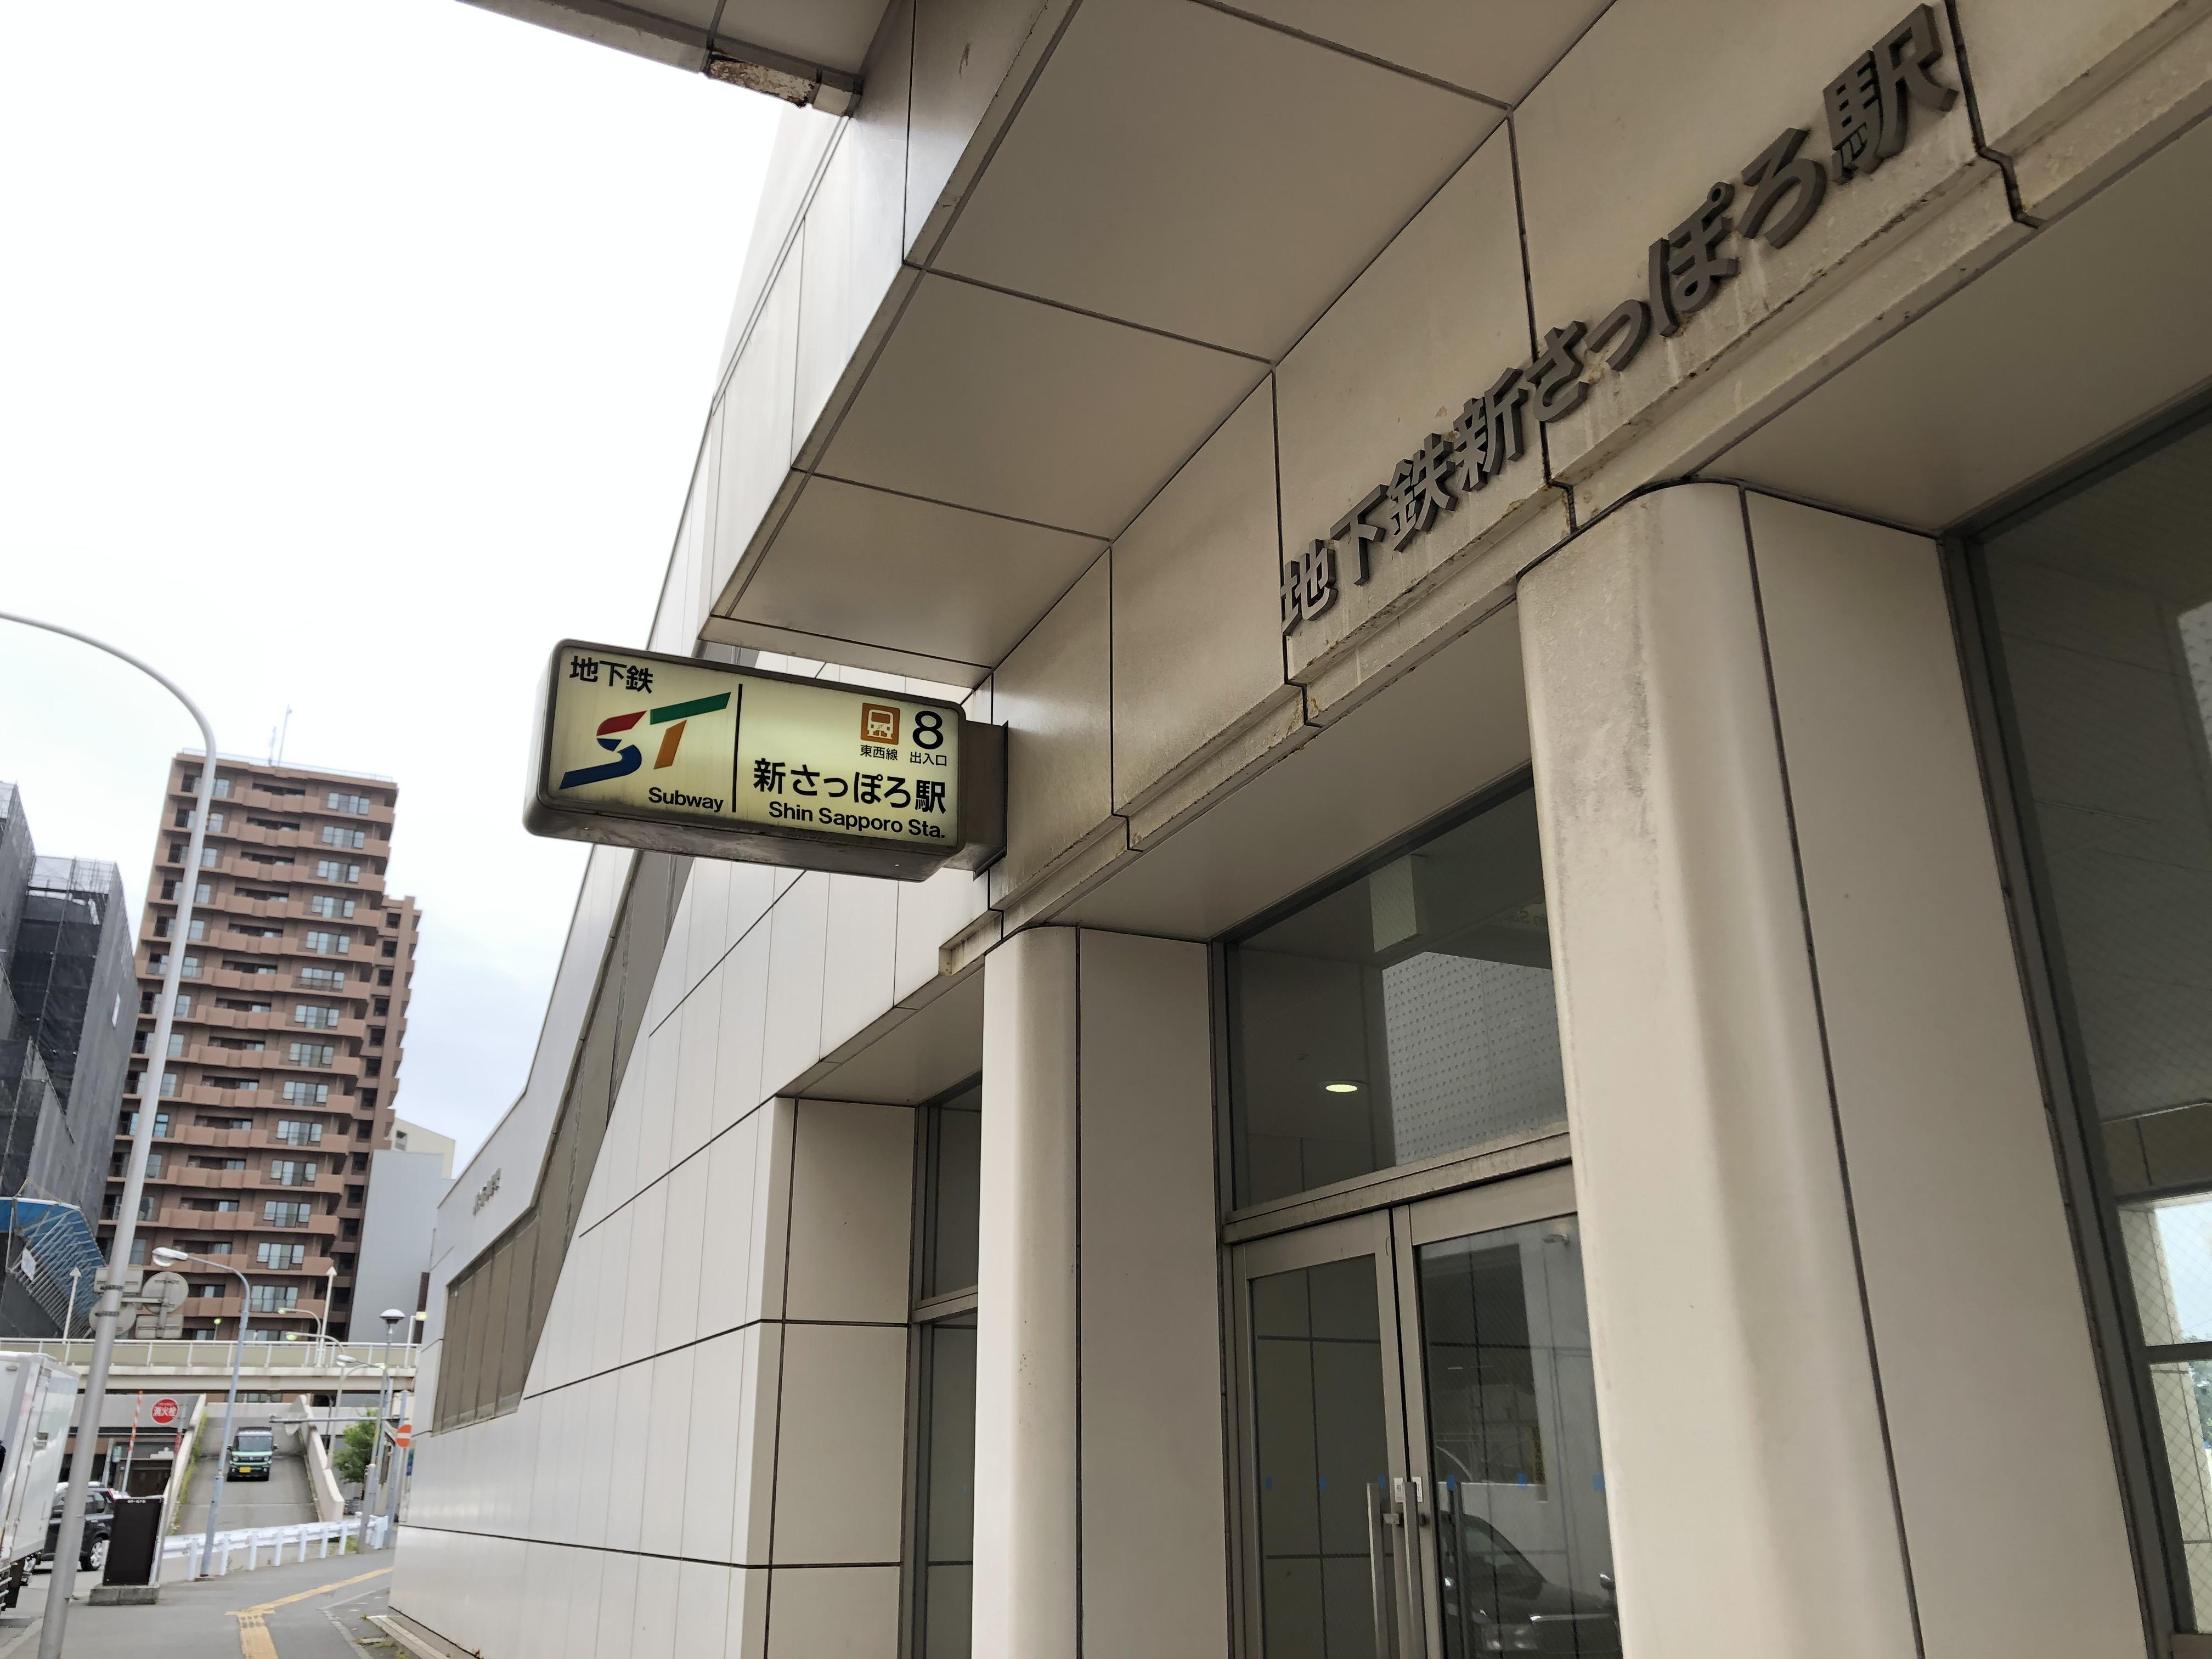 地下鉄東西線の端っこにある、新さっぽろ駅。JR千歳線の新札幌駅も同駅にあり、交通の便が非常に良いエリアです。